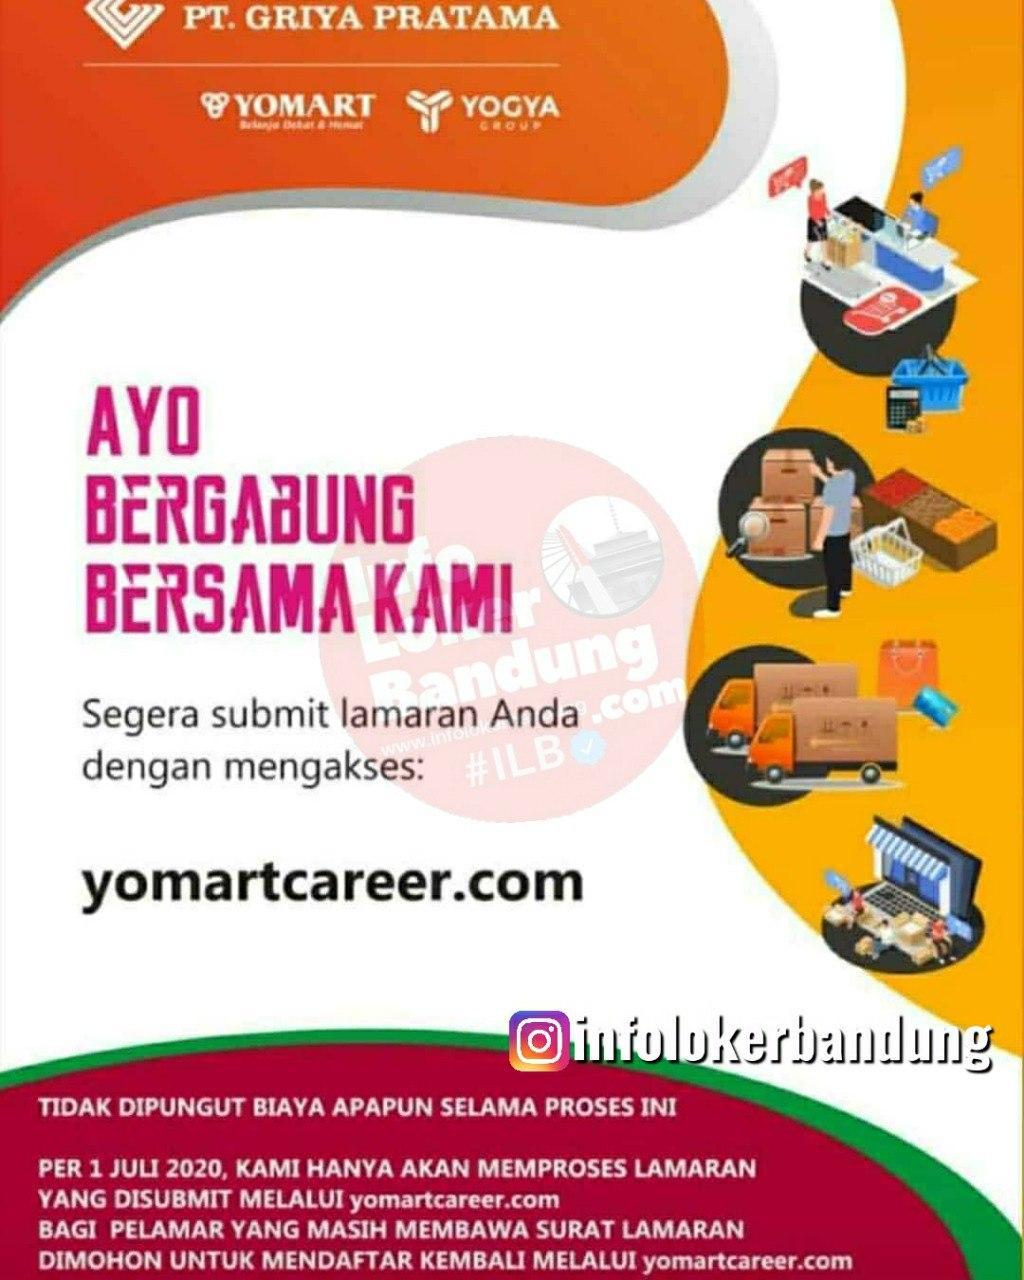 Lowongan Kerja PT. Griya Pratama ( Yomart ) Bandung Juli 2020